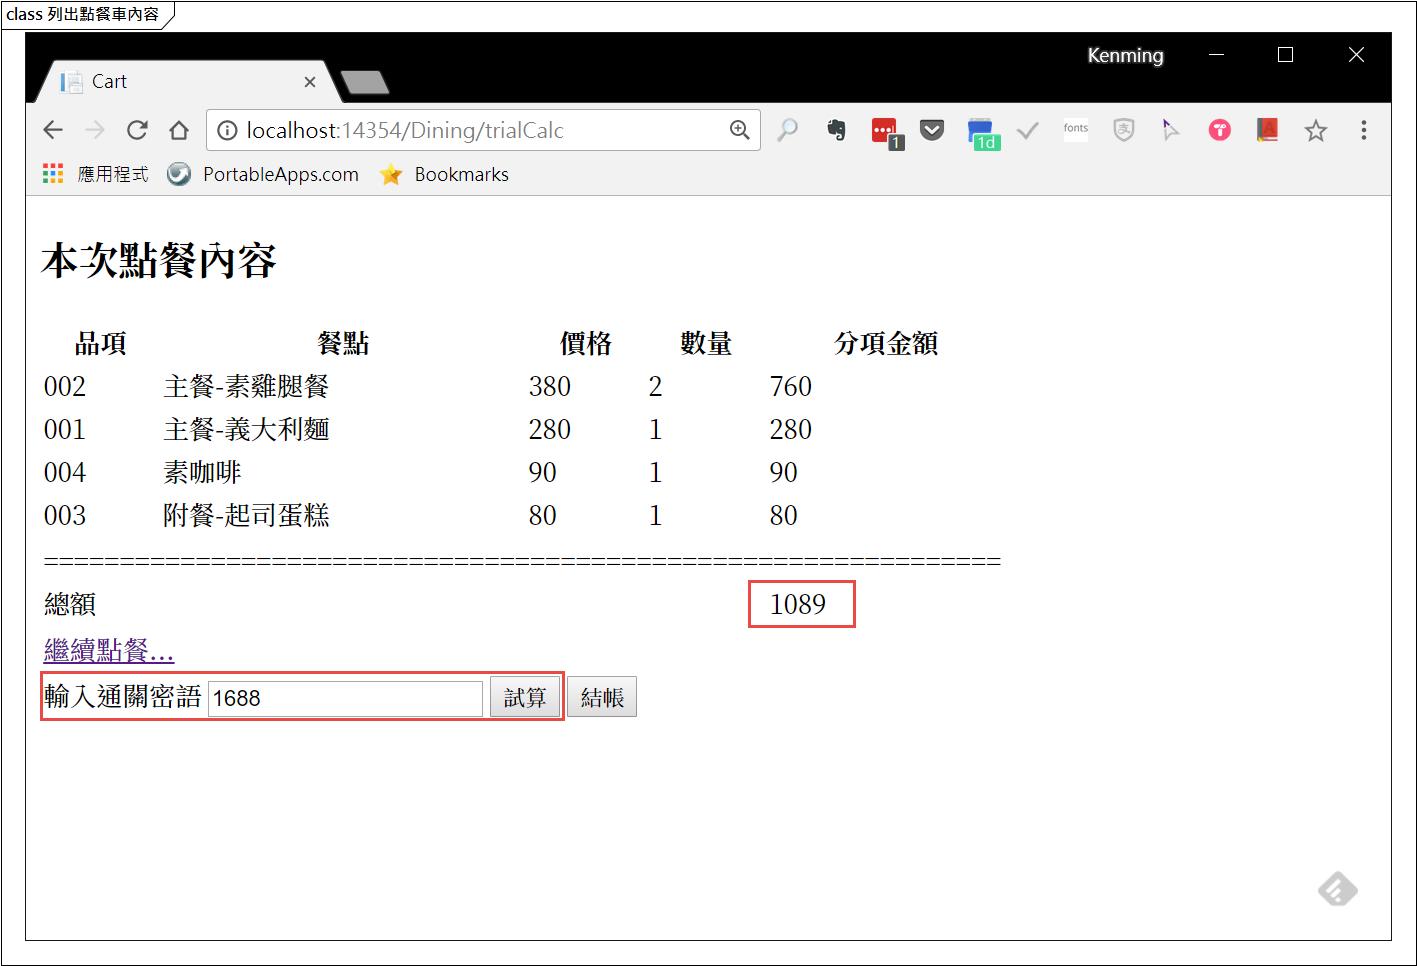 Web UI 執行畫面 - 結帳